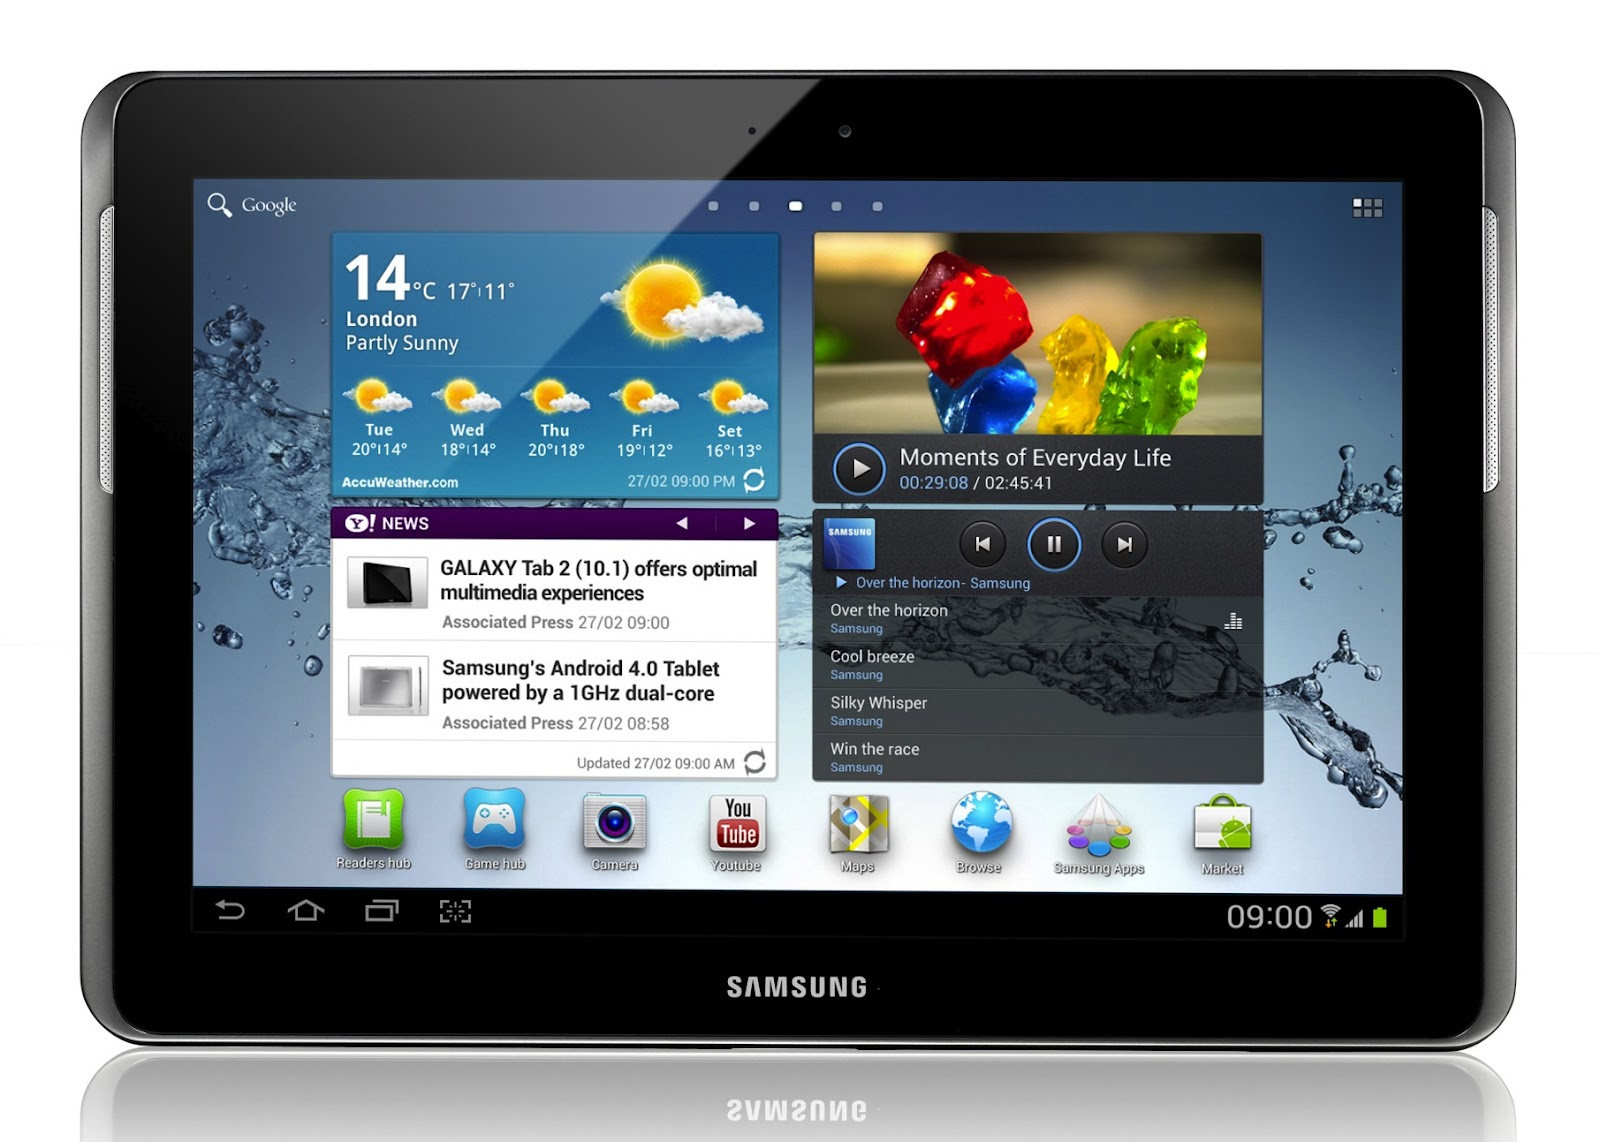 http://4.bp.blogspot.com/--_ia7E5NEMk/T4hj82Tr17I/AAAAAAAAAW8/979Sh76U_FU/s1600/GALAXY-Tab-2-10.1-Product-Image-1.jpg